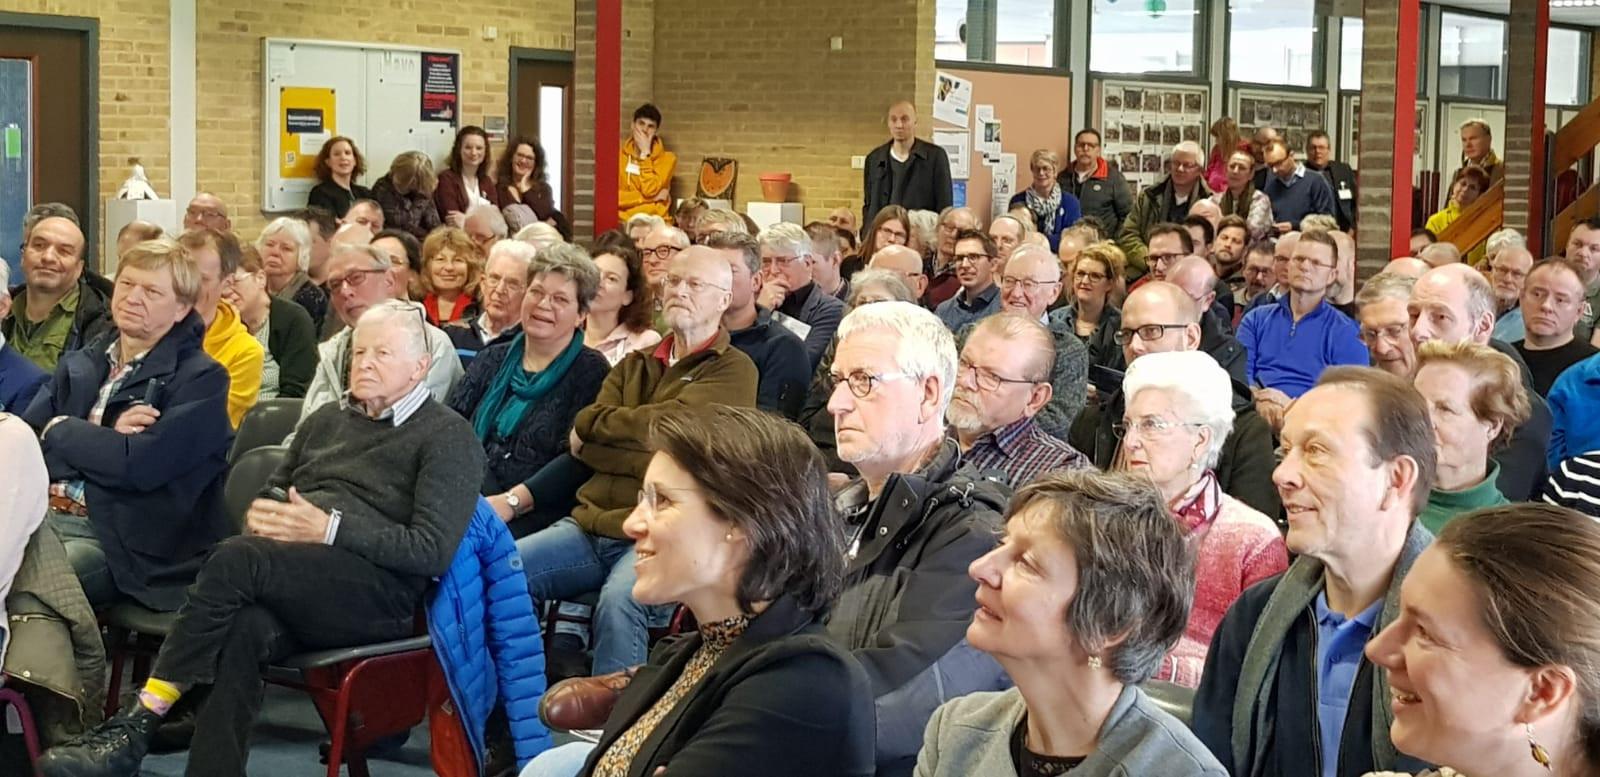 Inwoners van Schothorst-Zuid luisteren op 7 maart met belangstelling naar de plannen voor een warmtenet in hun wijk. Op de voorgrond in het midden verantwoordelijk wethouder Astrid Janssen.